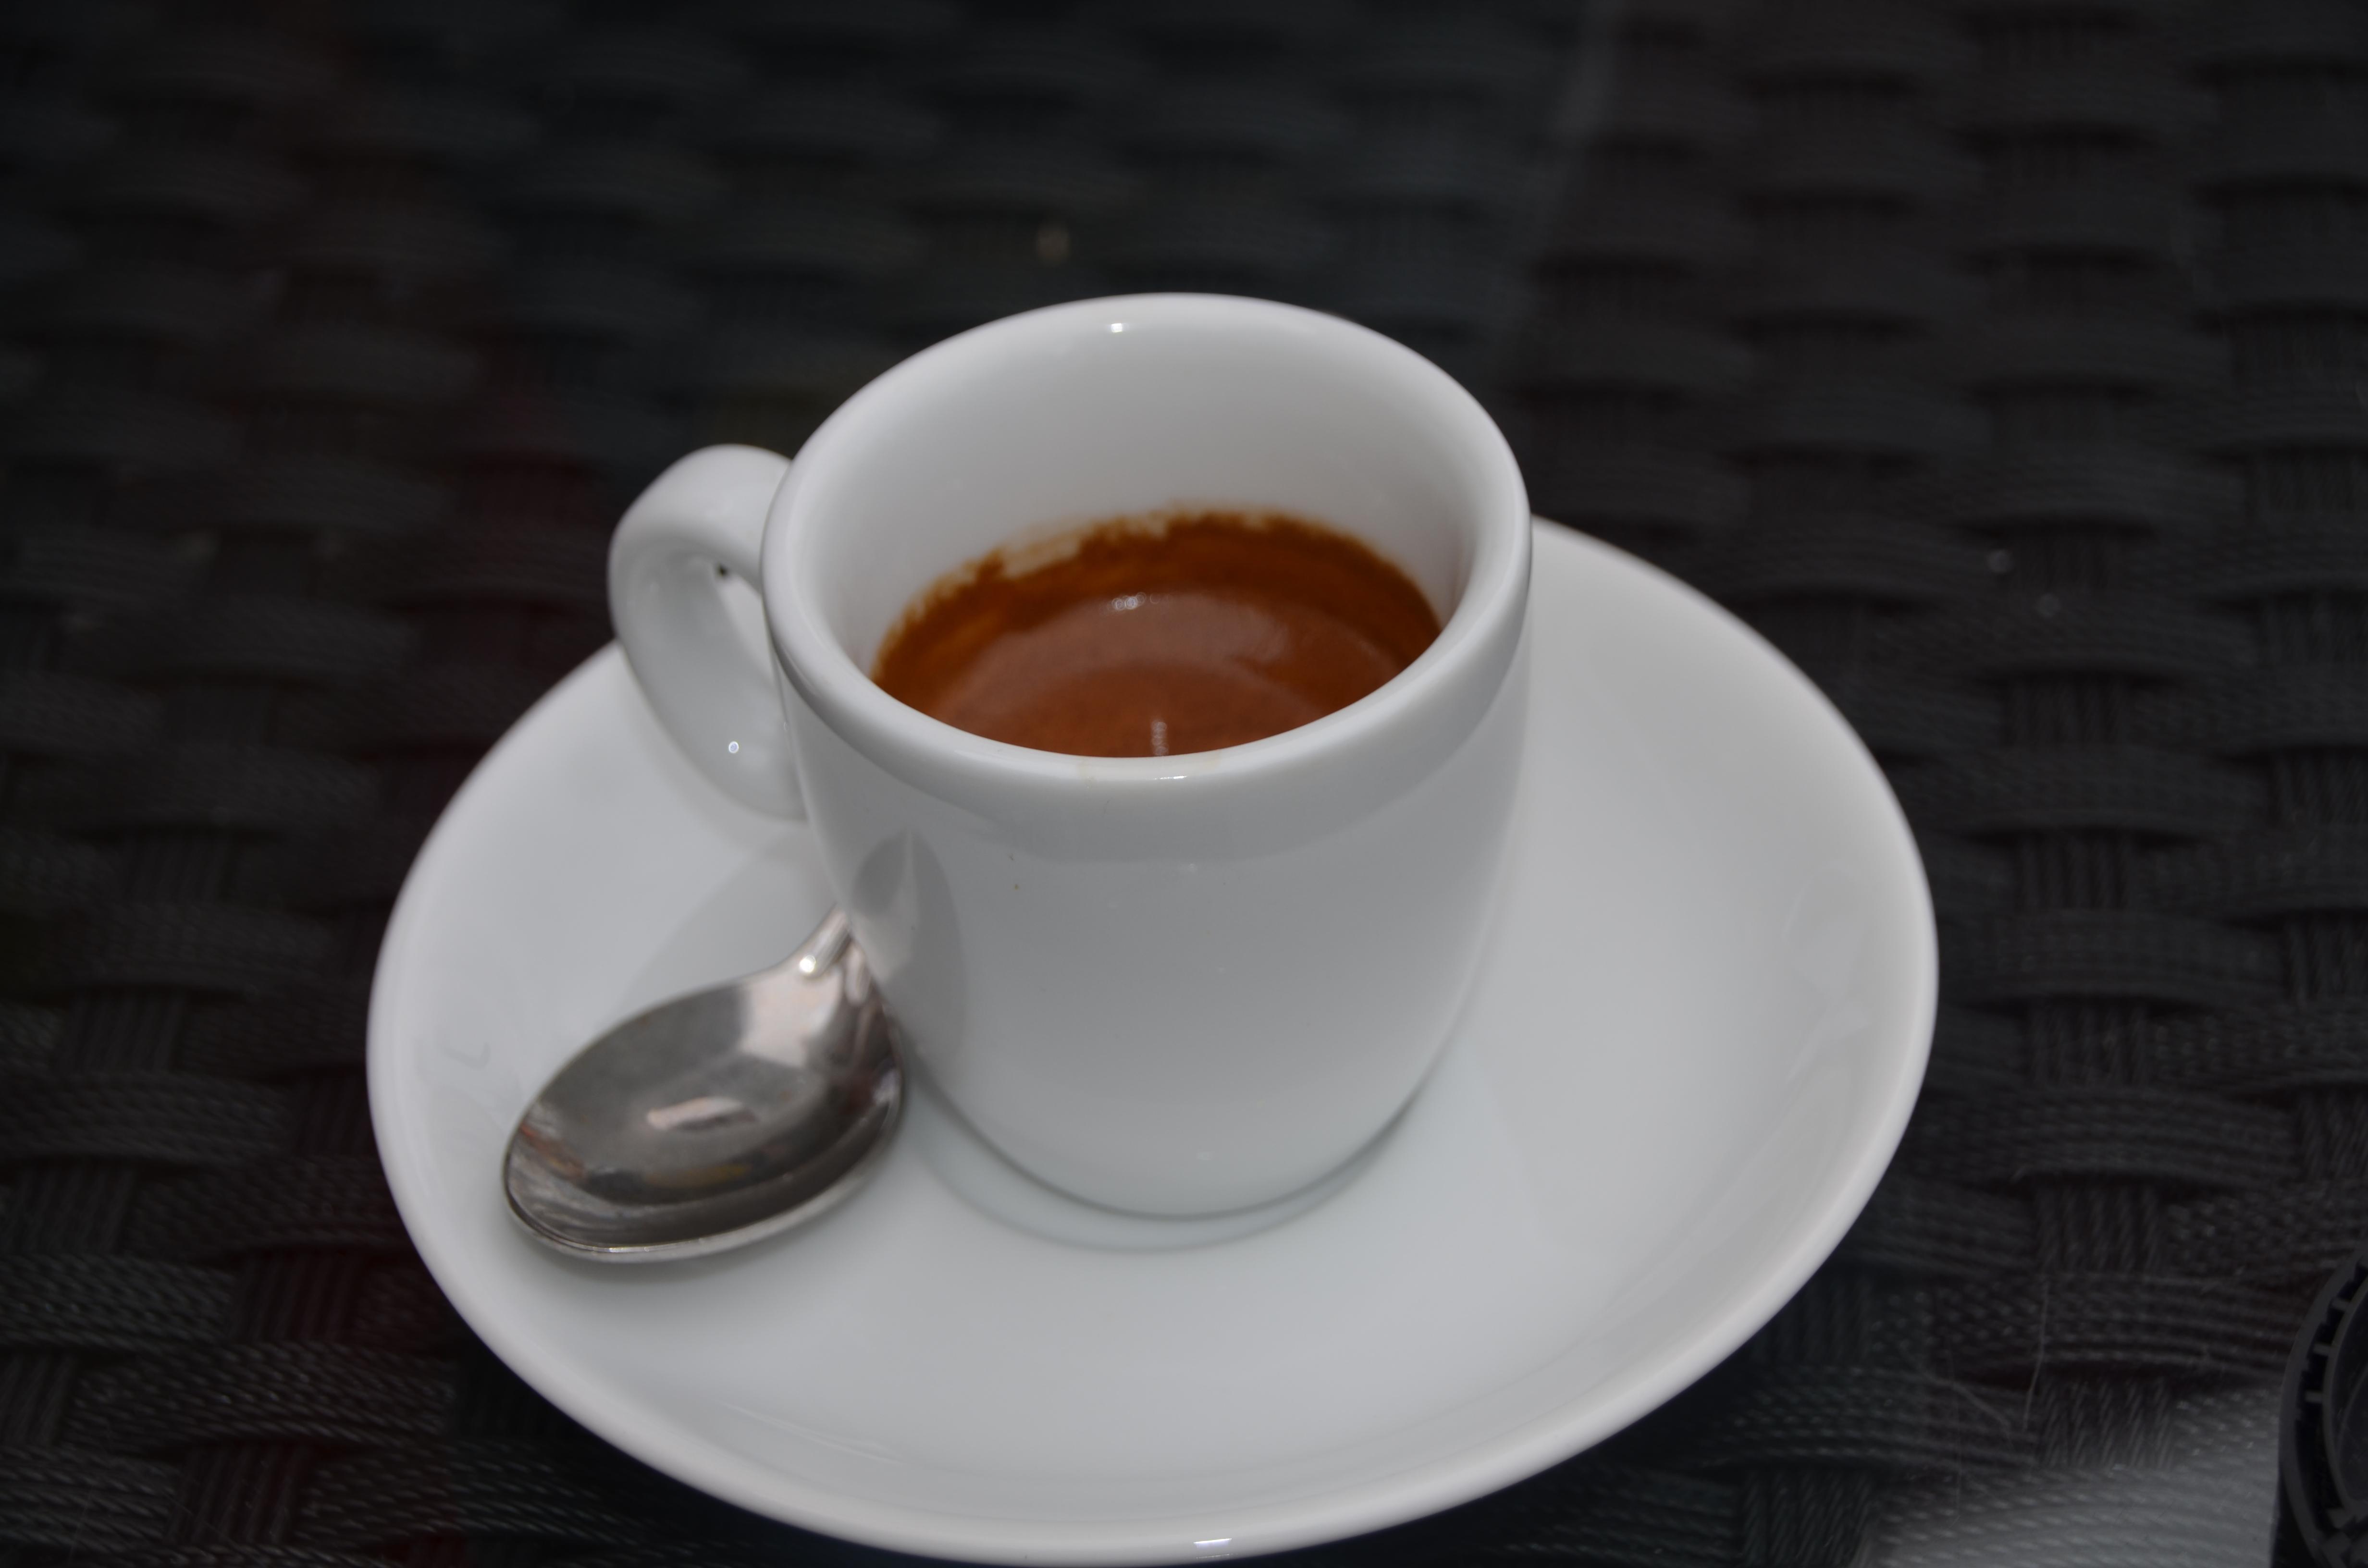 Mein Karma braucht Kaffee – 2